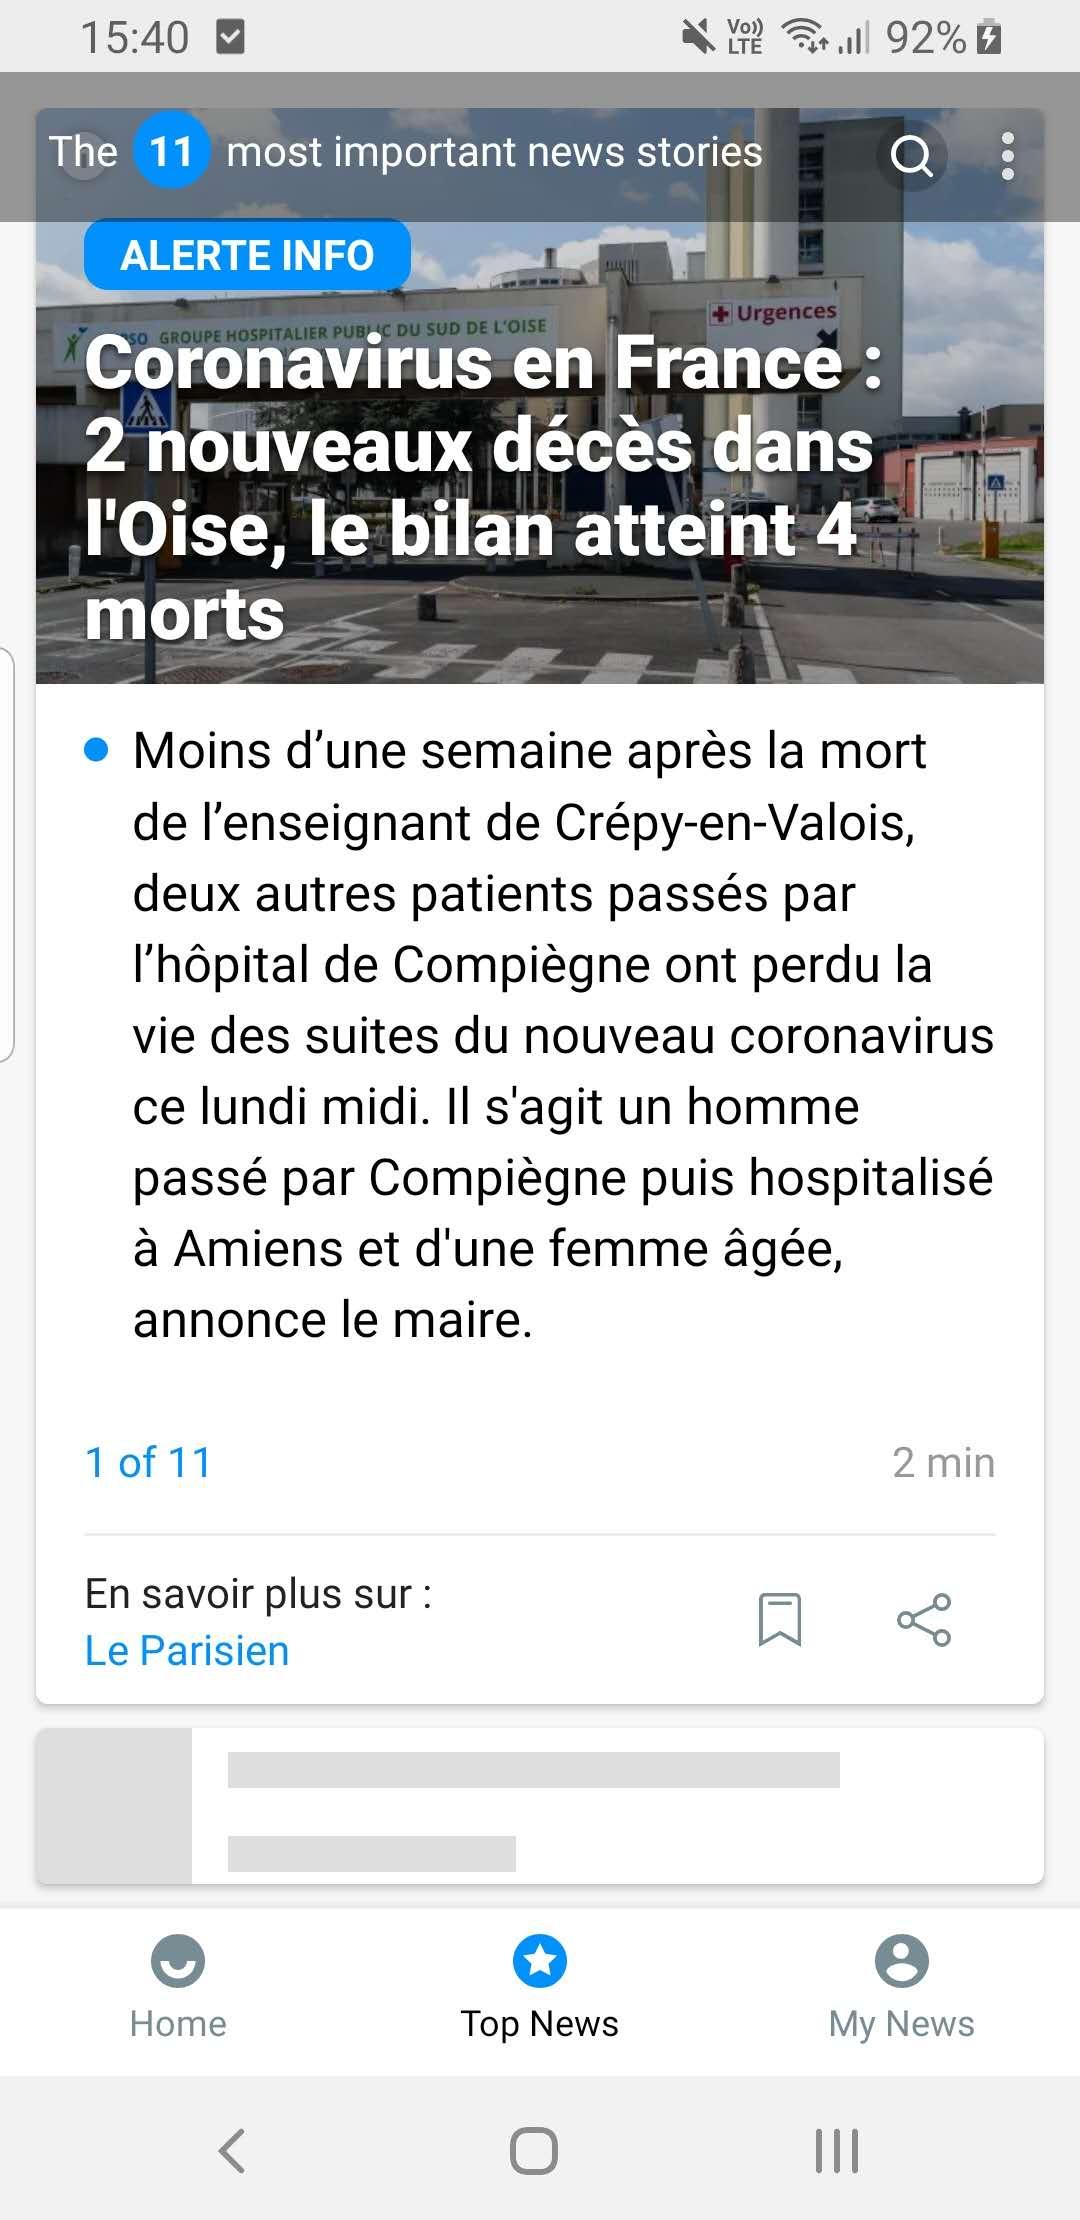 法国人的避免恐慌政策真的令人恐慌